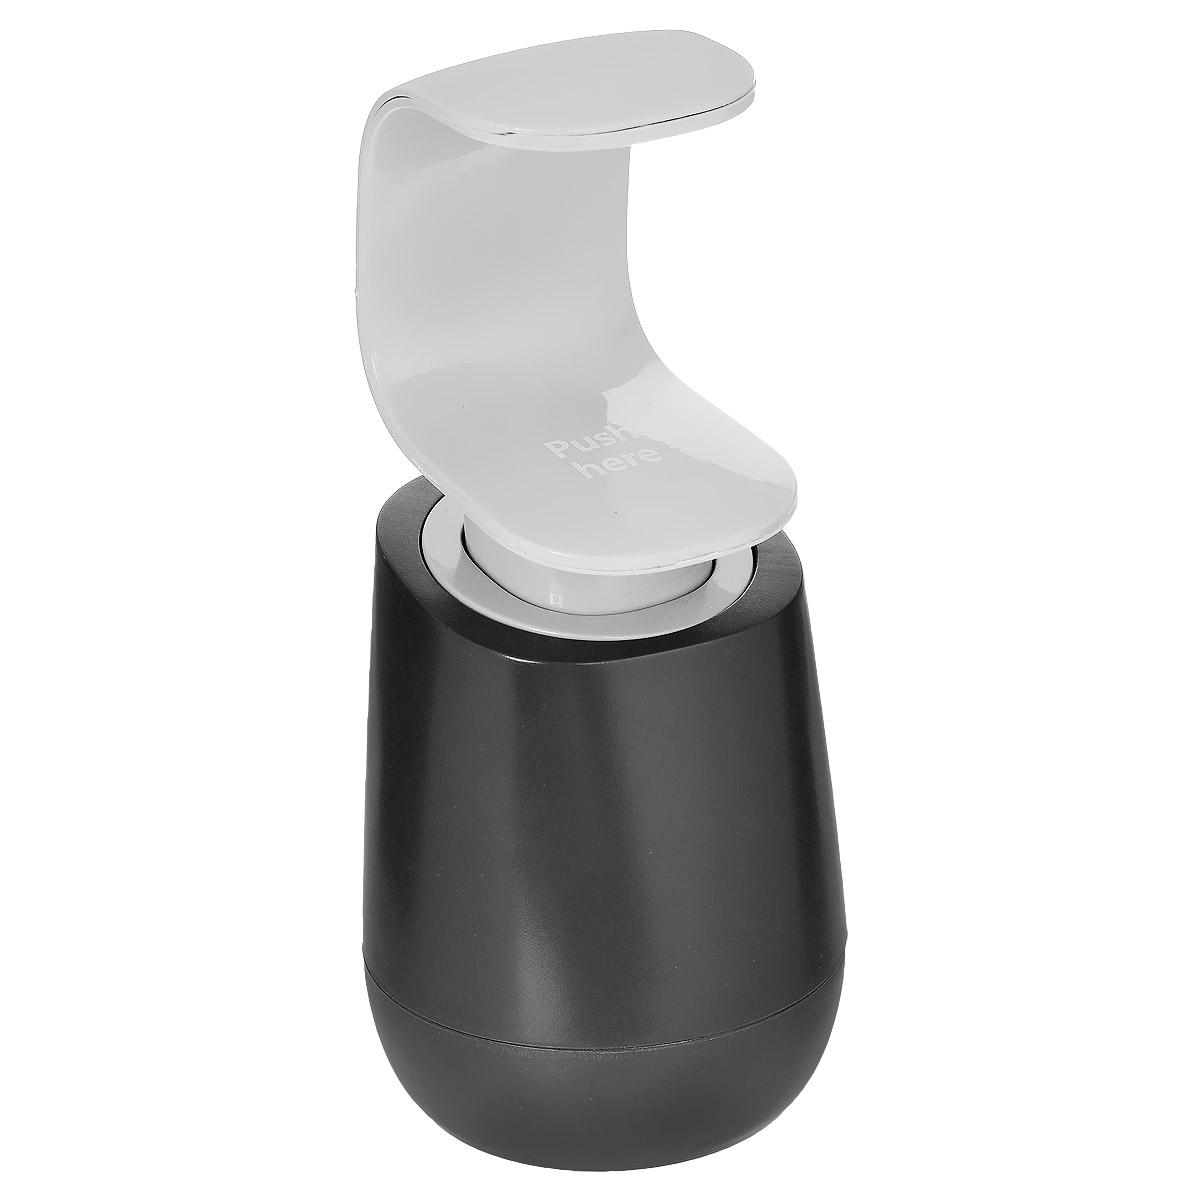 Дозатор для мыла Joseph Joseph C-Pump, цвет: серый, 300 мл